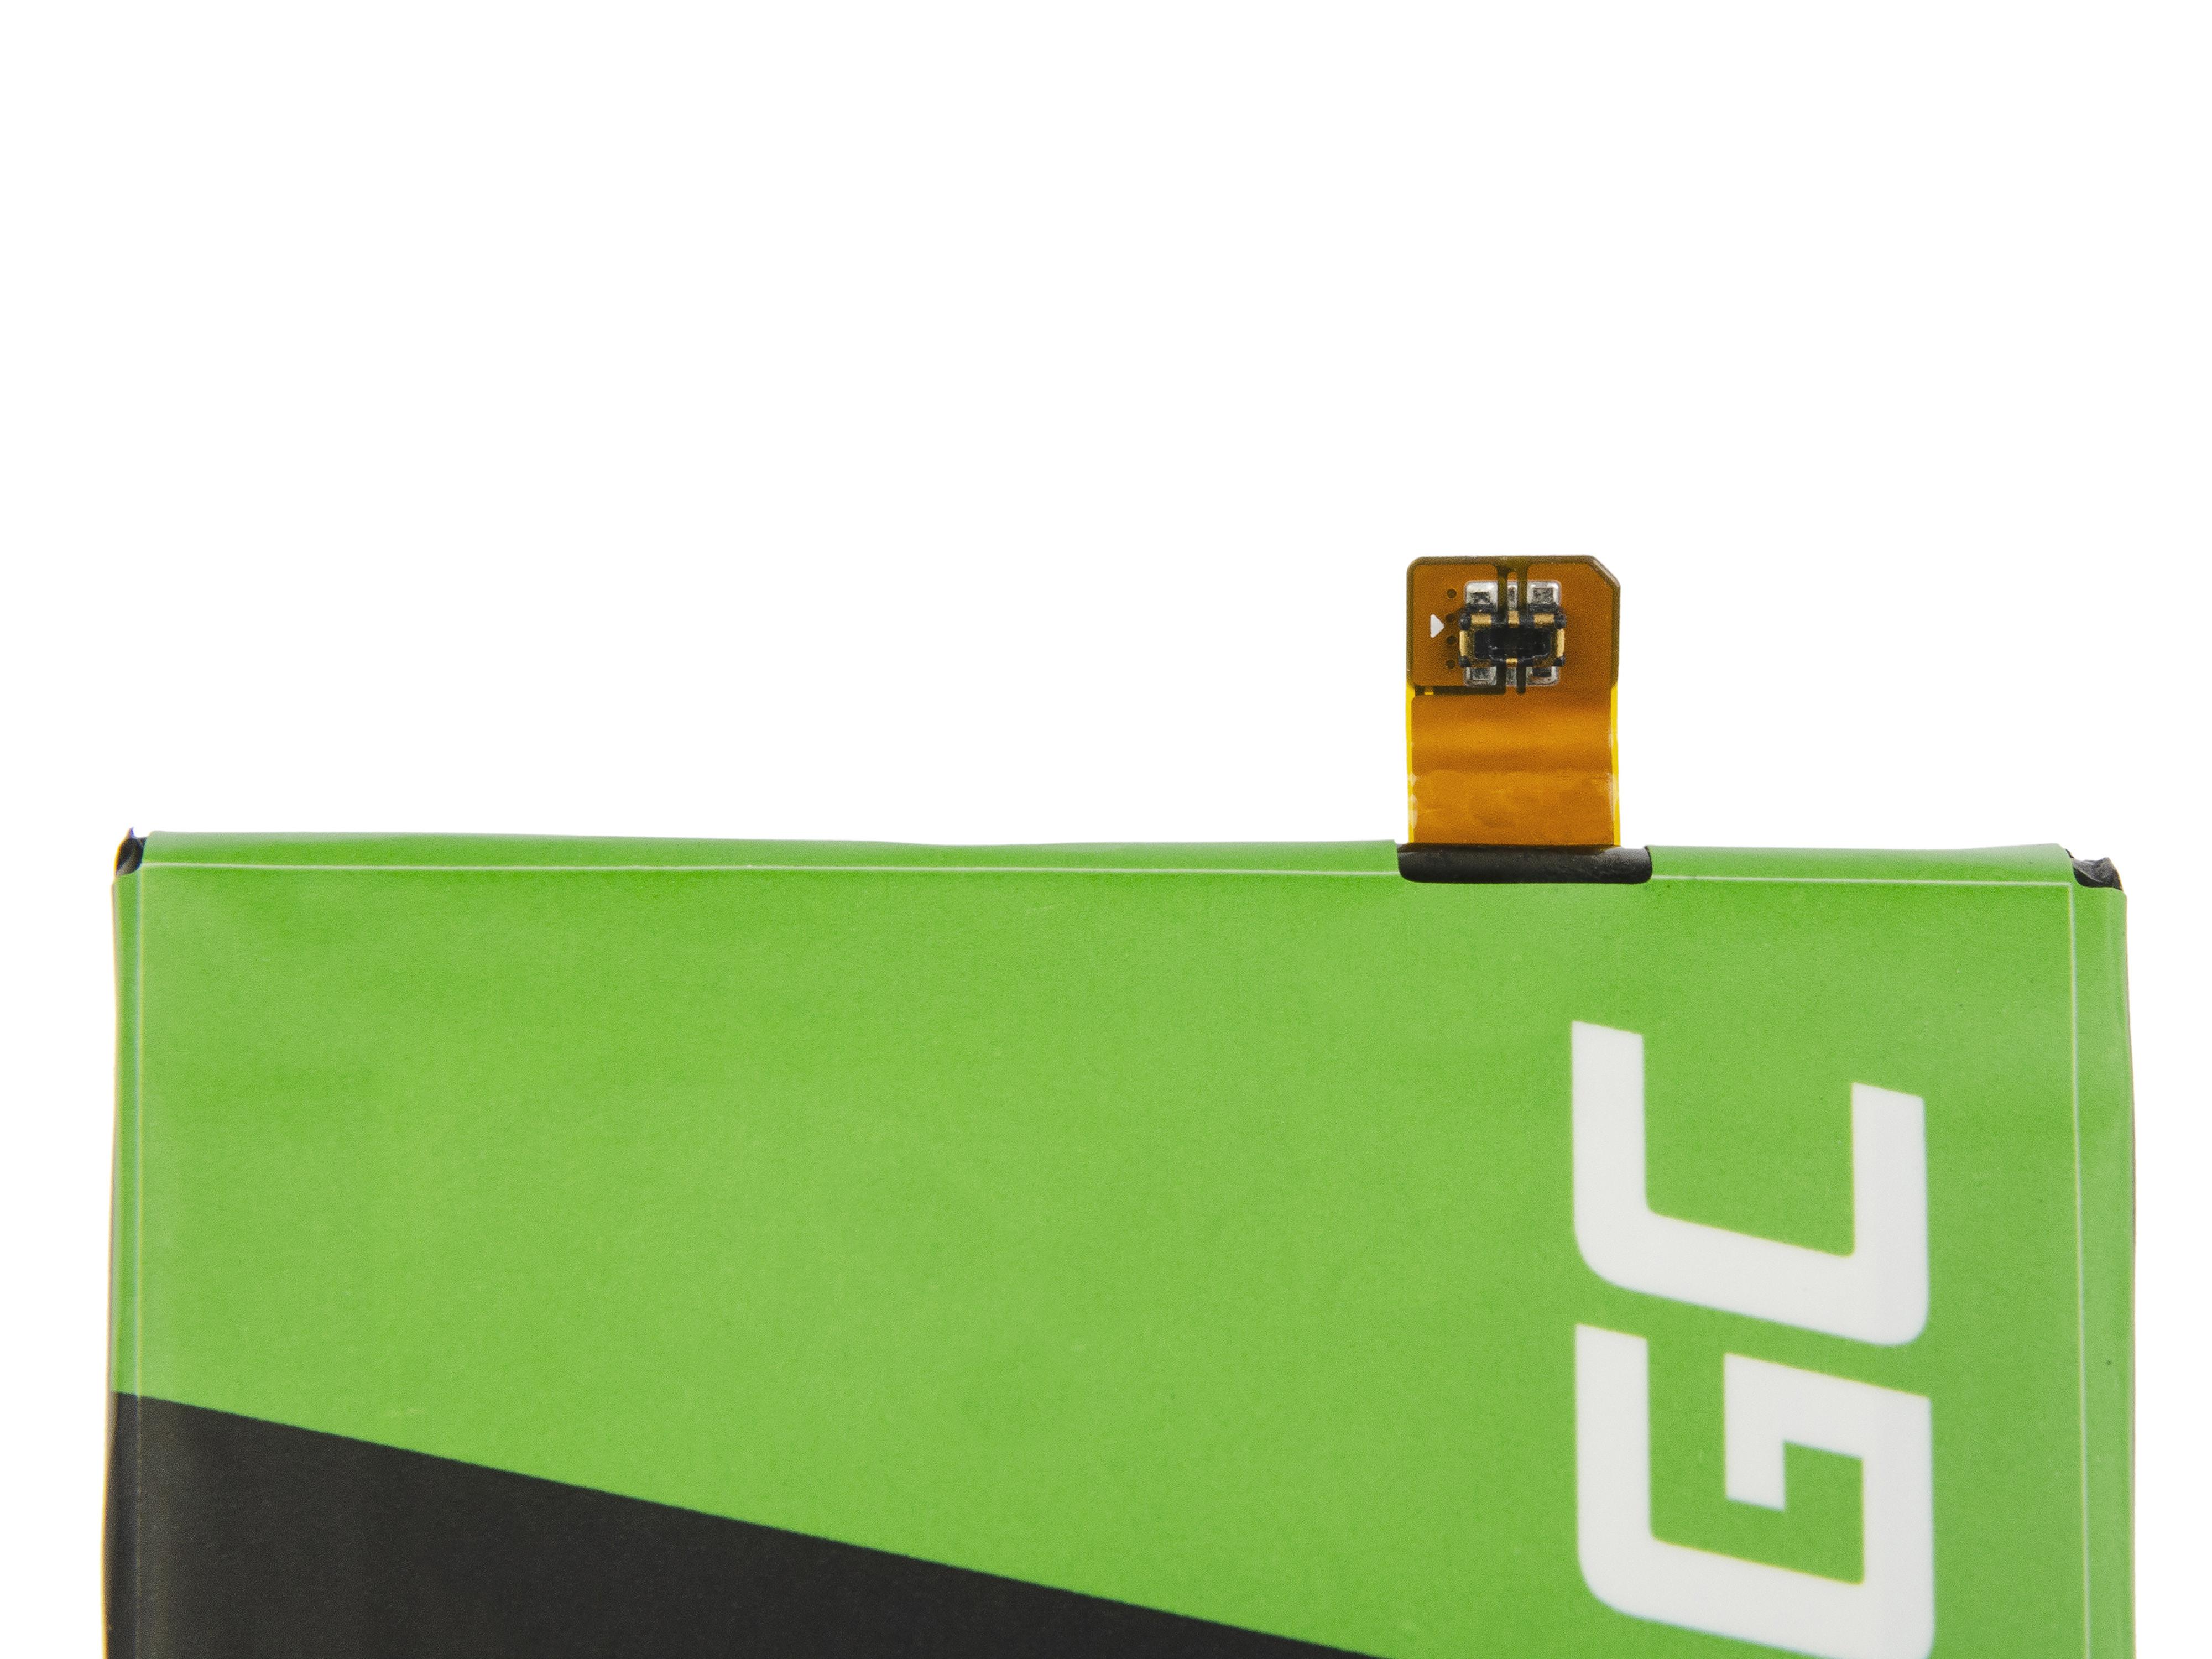 Baterie Green Cell LG BL-T7 LG G2 2470mAh Li-ion - neoriginální